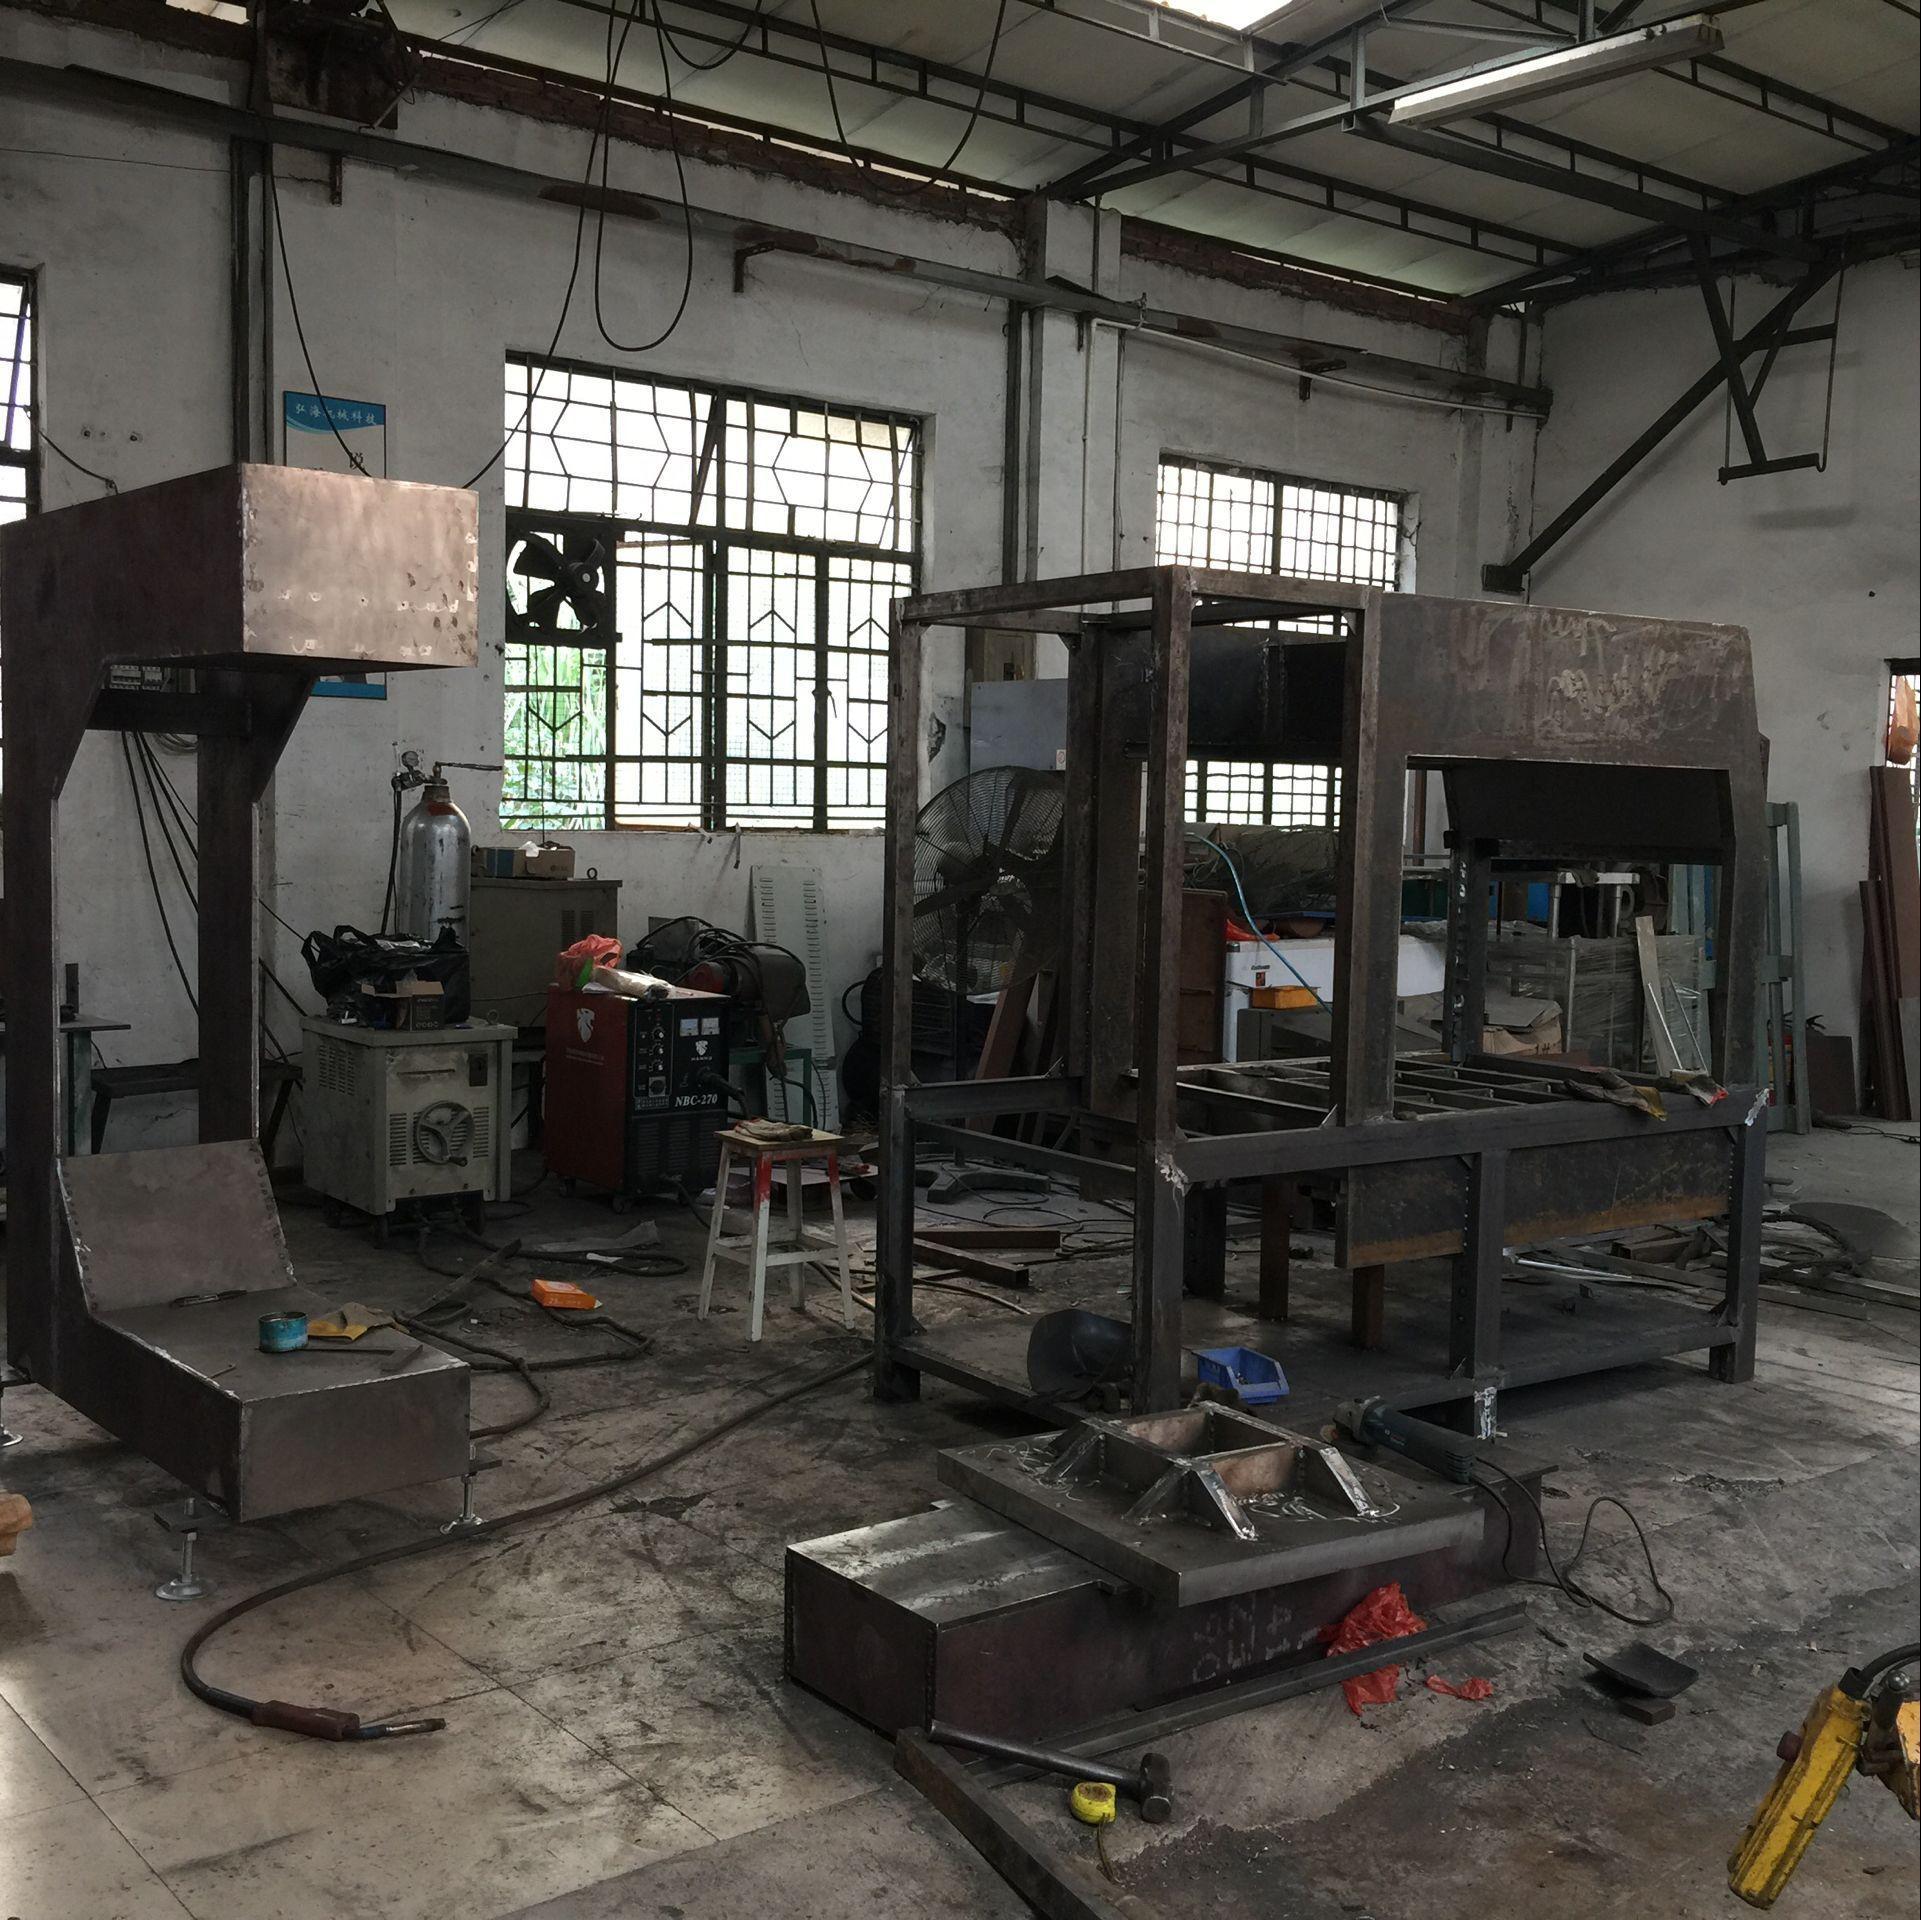 自主焊接机架(采用20mm厚度的A3钢板,构架稳固)  车床铣床各种机加工(法兰、导杆导套、模具等)  生产组装(配件均采用国内外知名品牌)   生产完成   弘海生产的机器每一步都是按照高标准的工艺去完成,工人做事认真、精益求精以达到高质量的产品。 更快、更高、更远是弘海人永远追求的目标,欢迎各大厂商莅临我司参观指导。